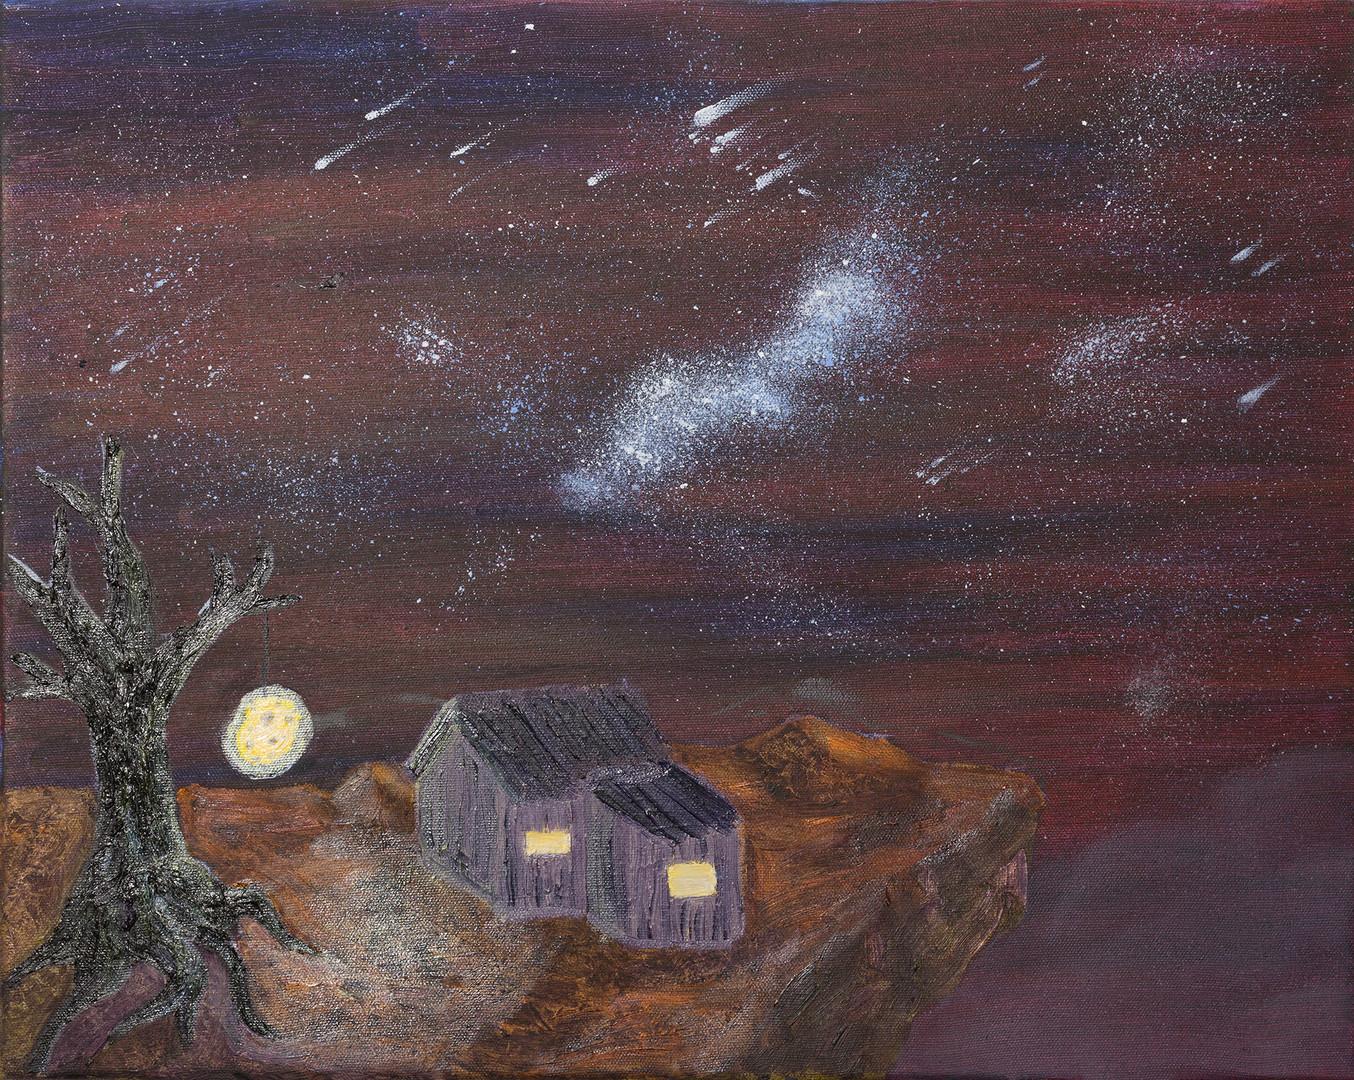 House_on_an_asteroid_HD.jpg